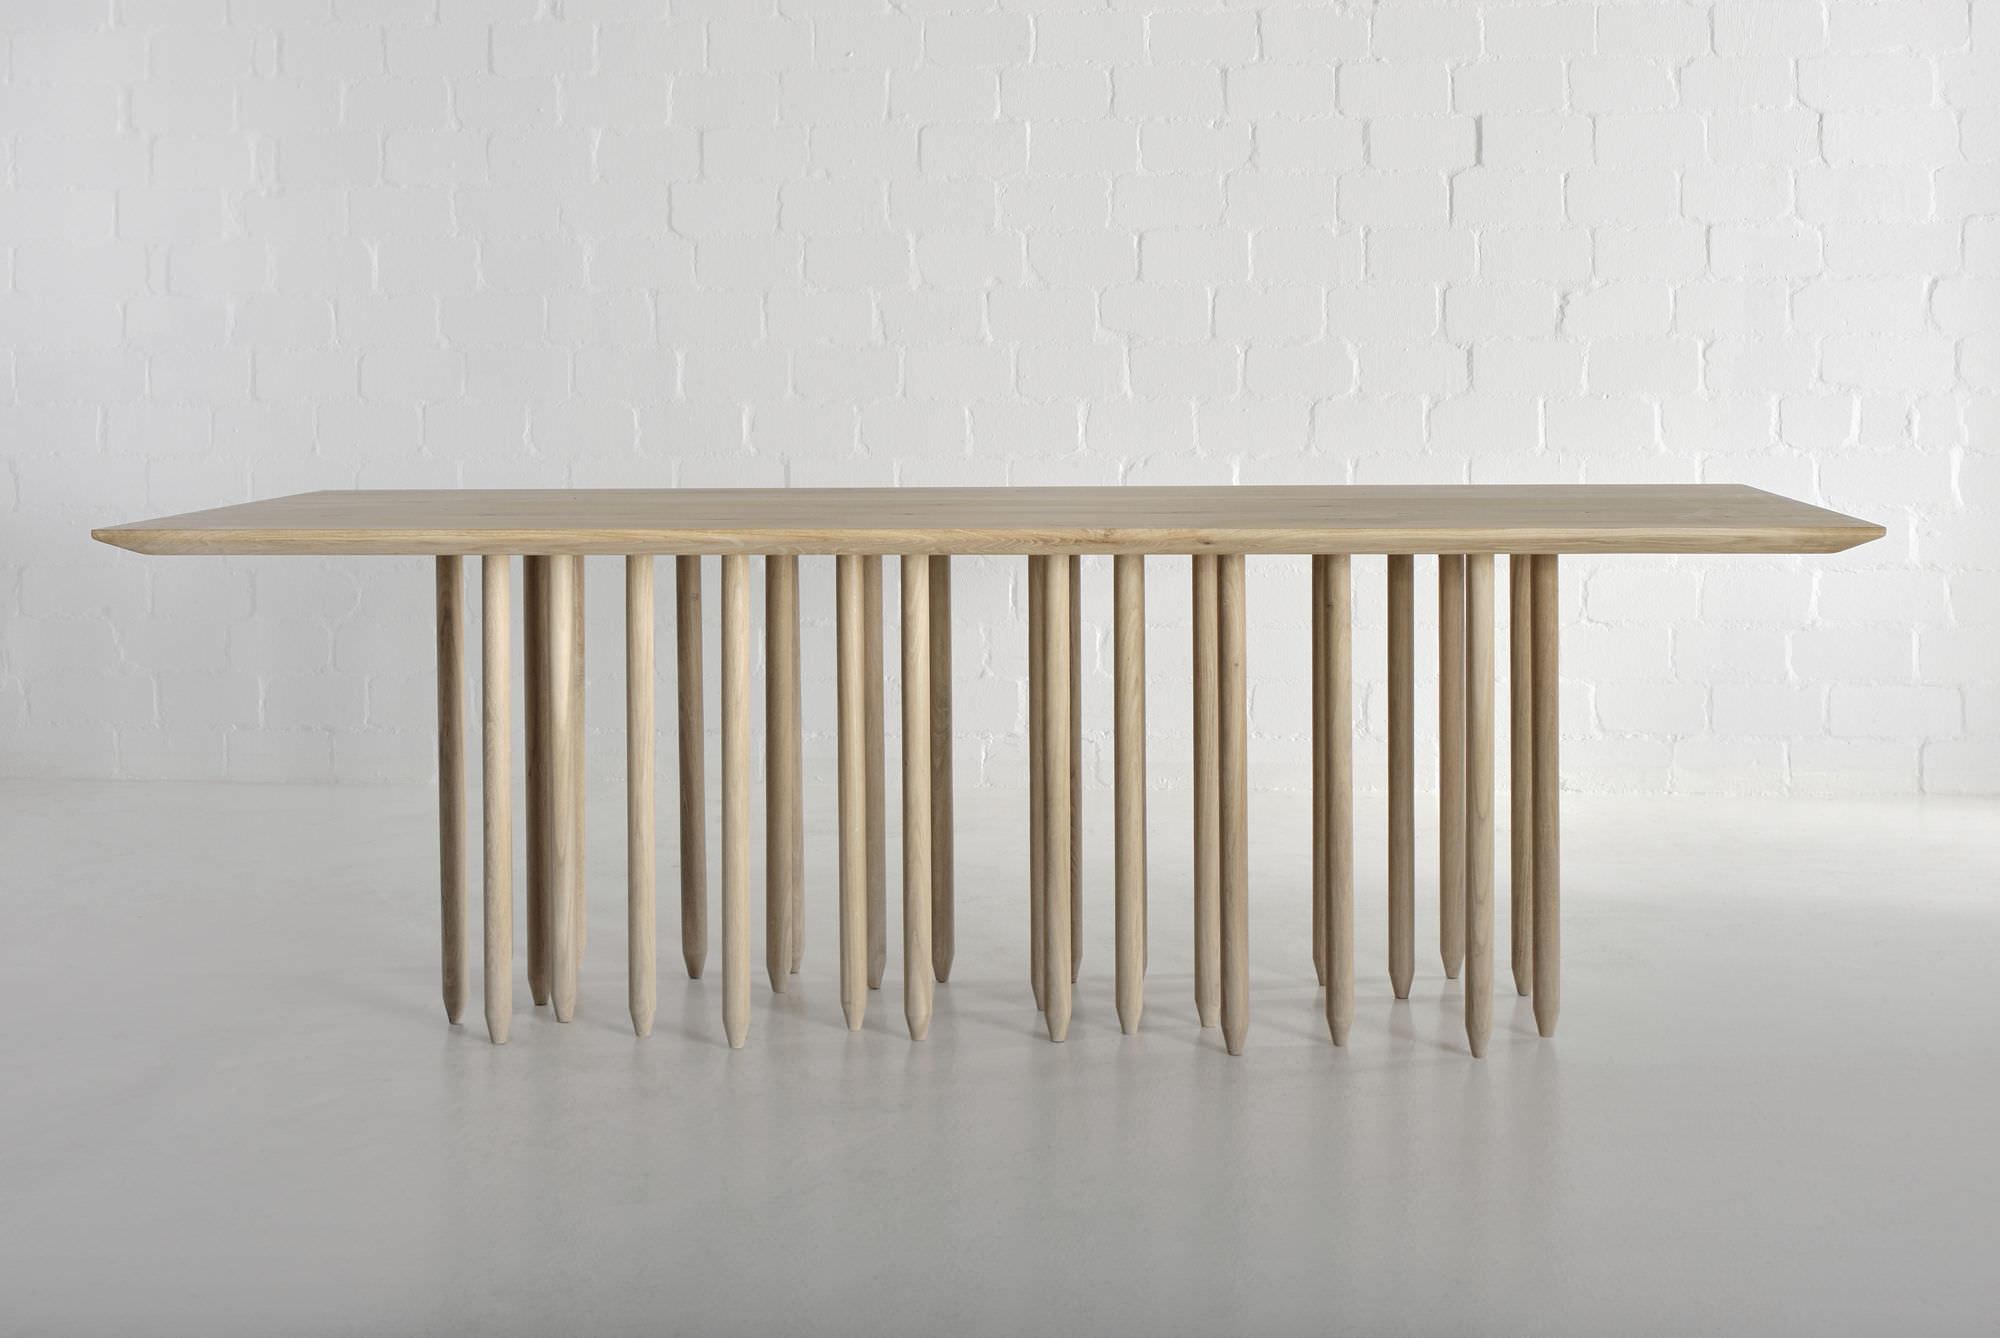 Tavolo Design In Legno : Tavolo design originale in quercia in legno massiccio in